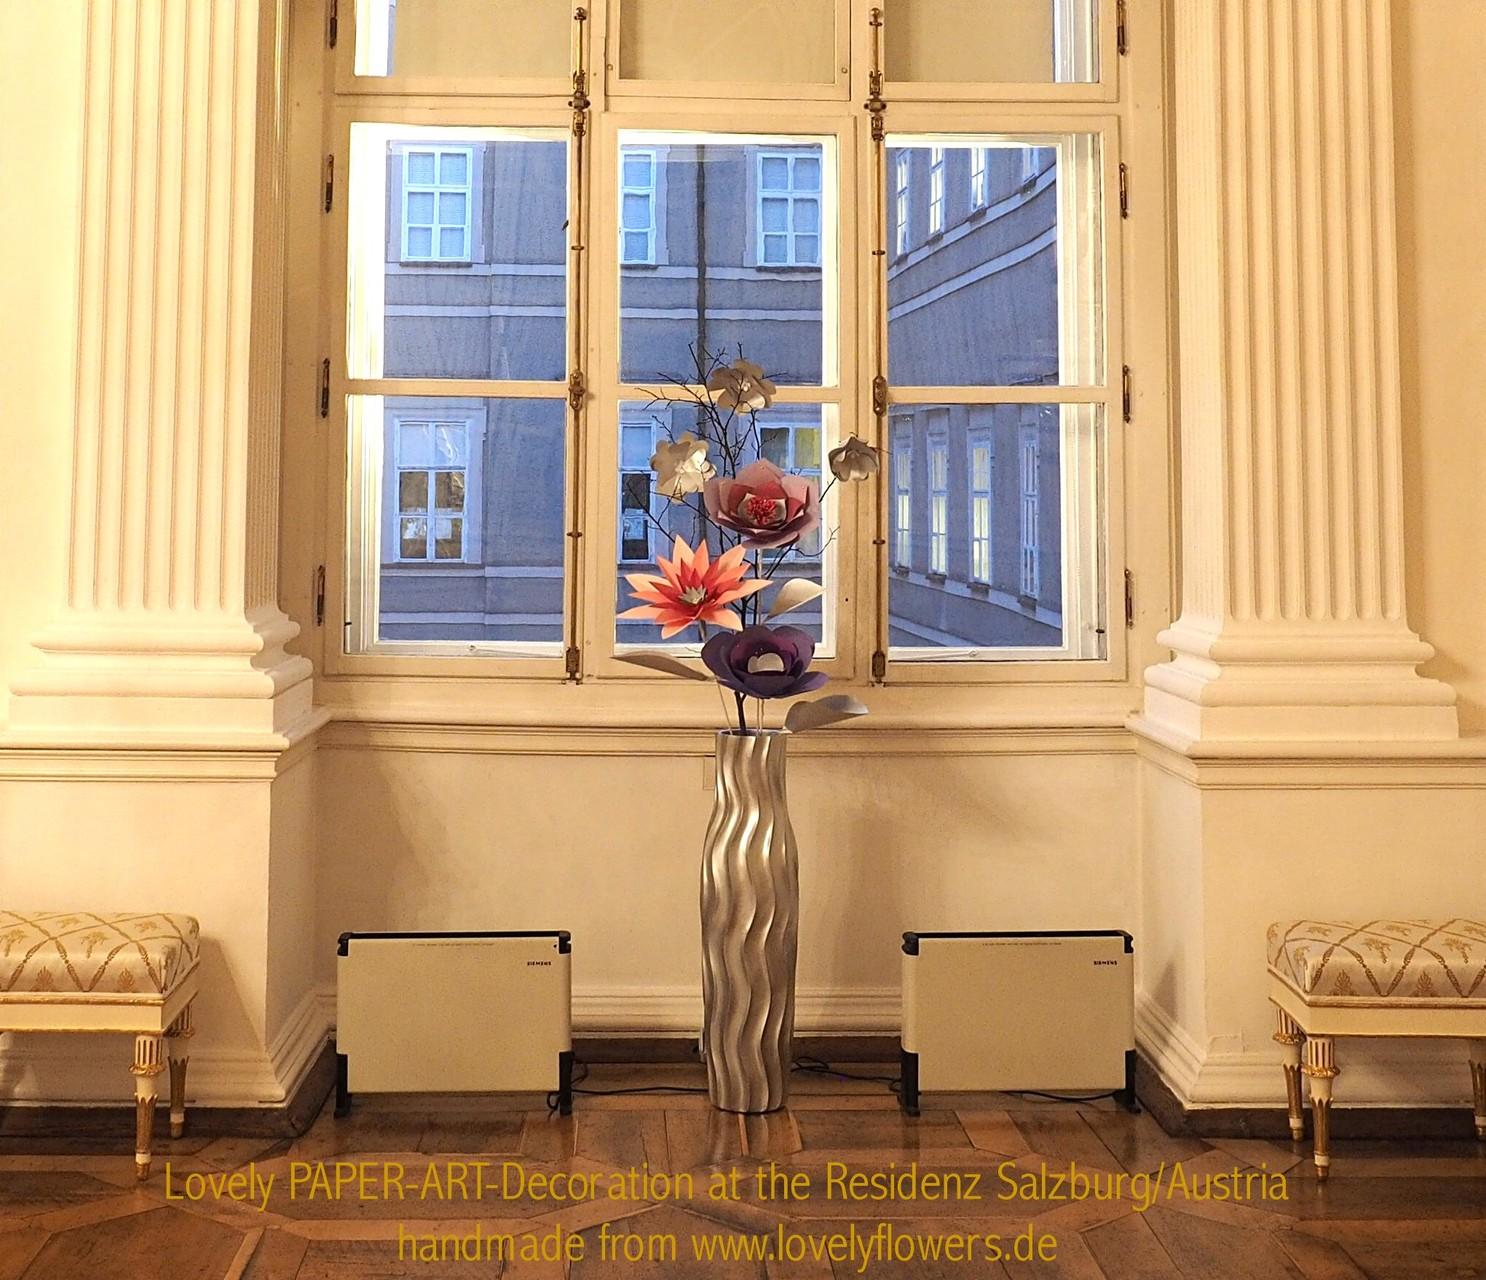 Paper-Art Großvasenarrangement von www.lovelyflowers.de für den Weißen Saal der Residenz zu Salzburg/Österreich